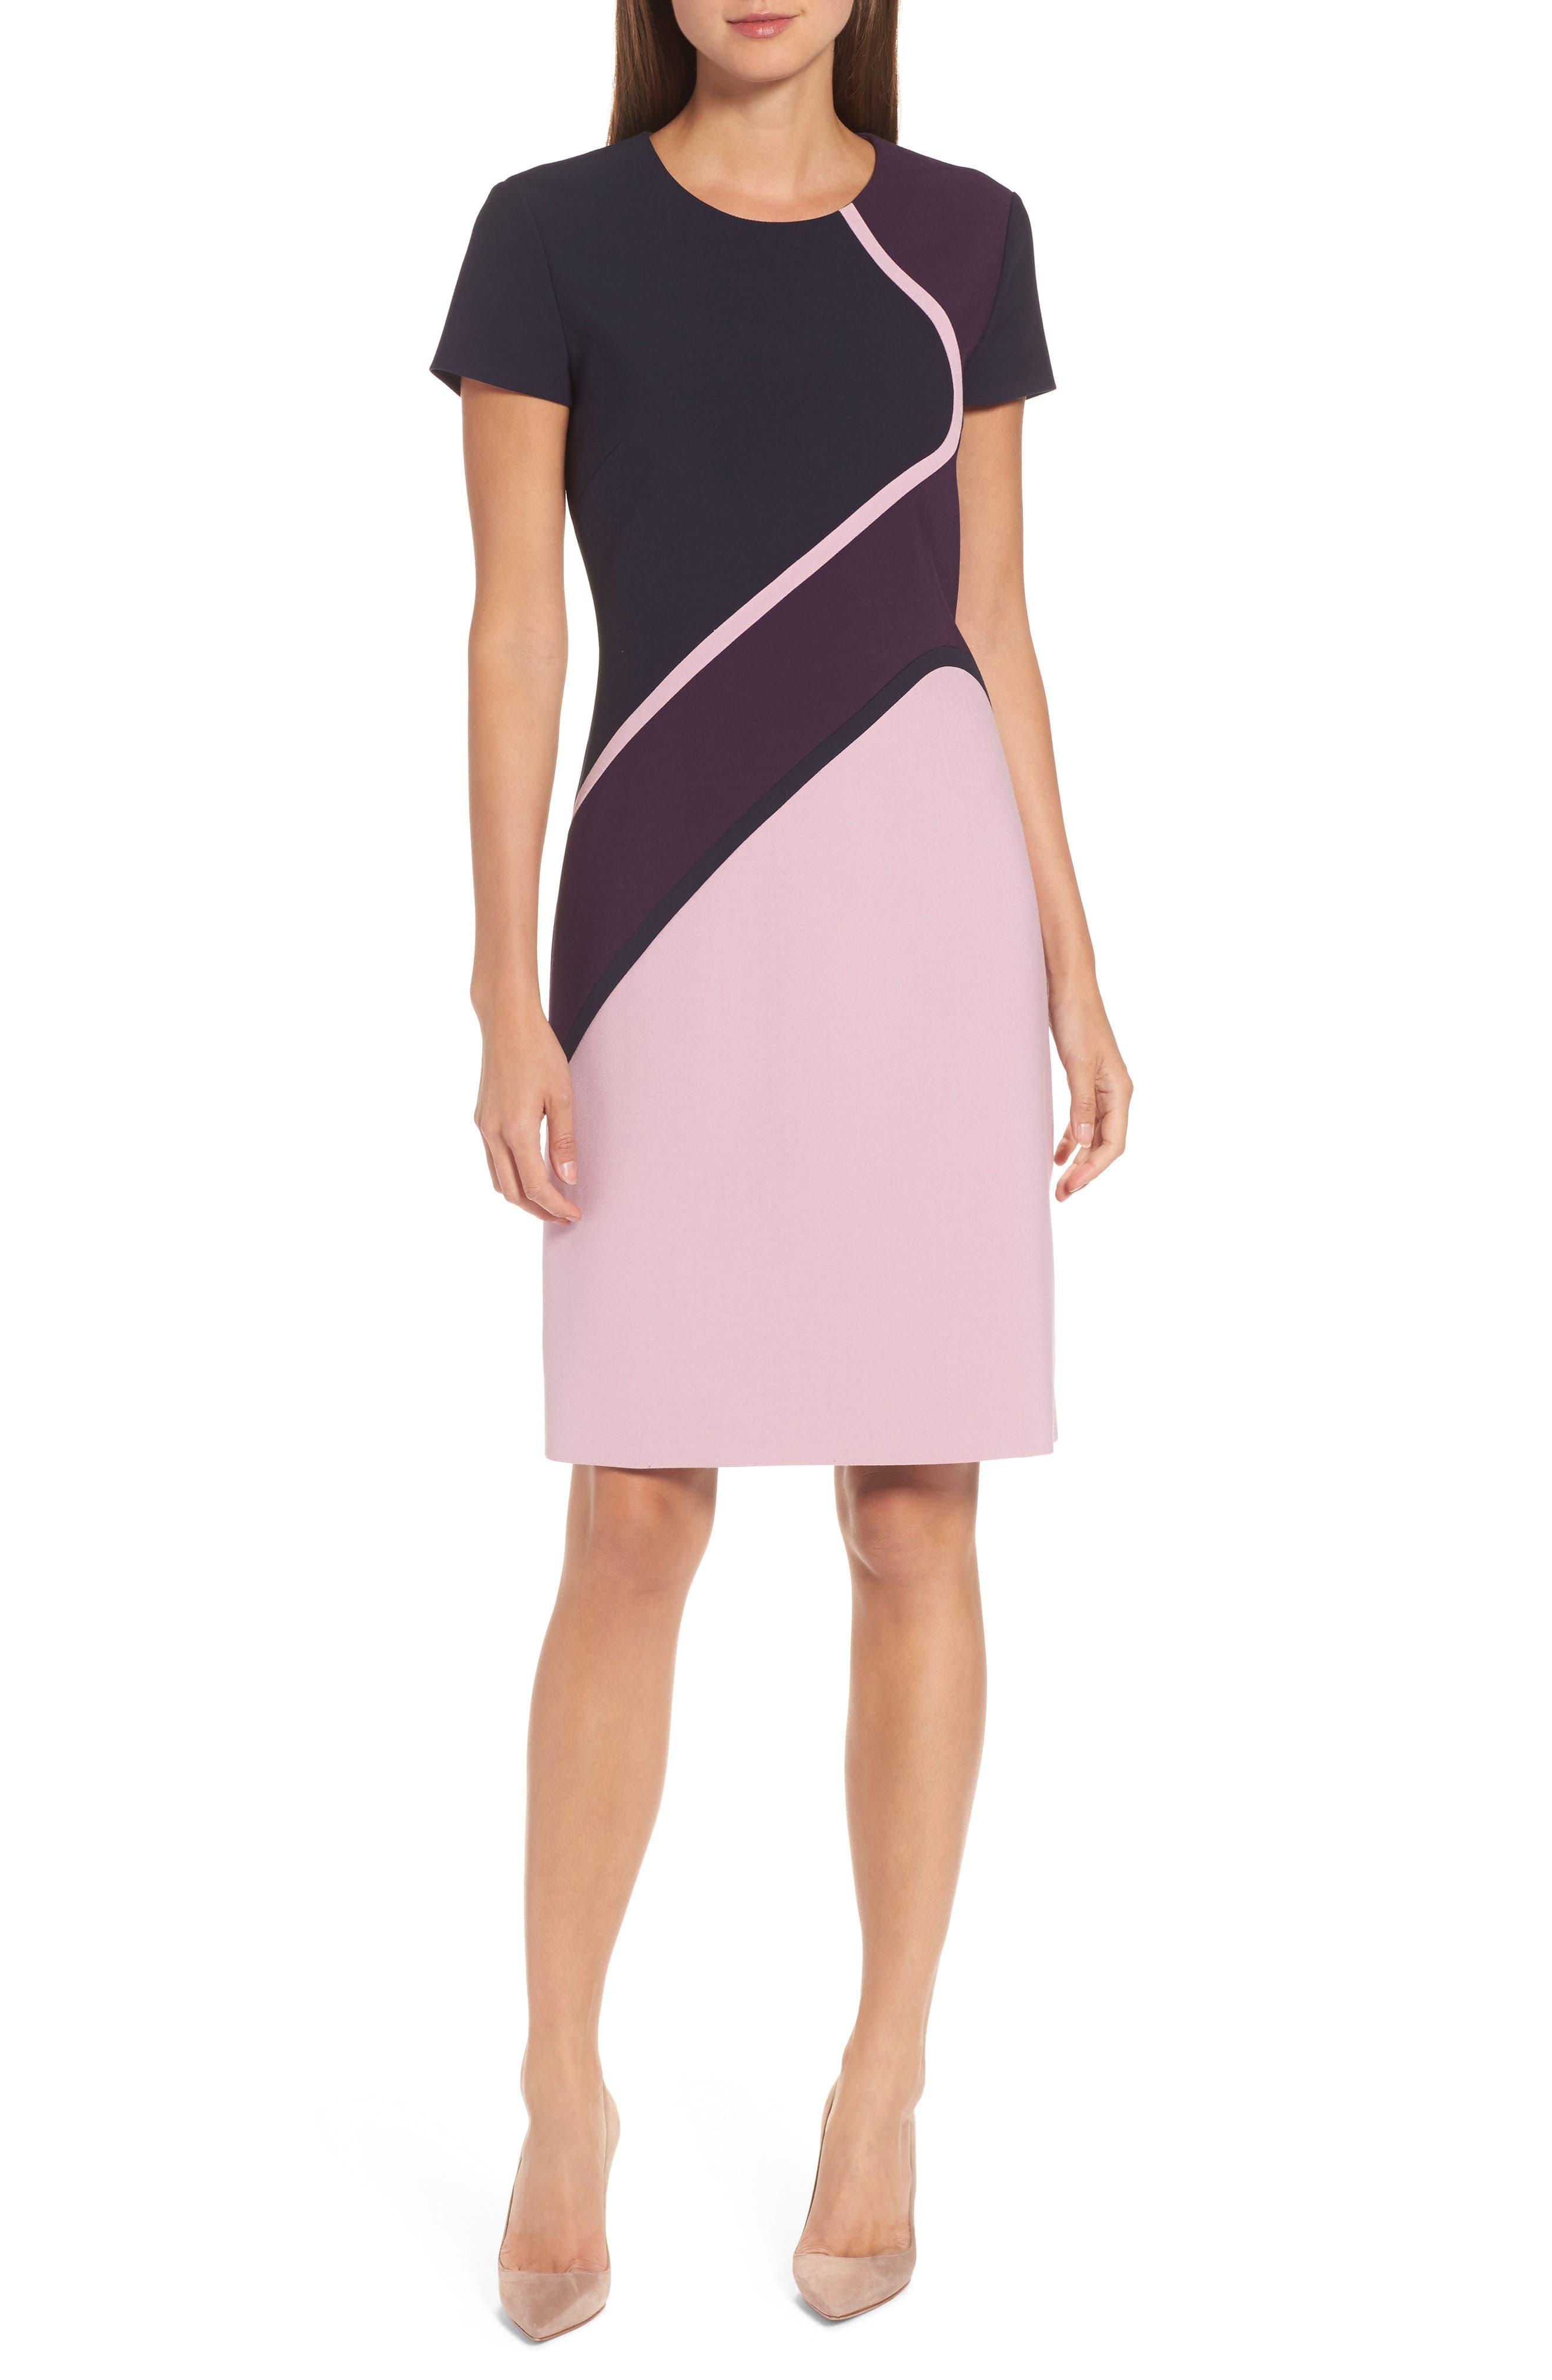 Dukatia Colorblock Sheath Dress,                         Main,                         color, Dark Dahlia